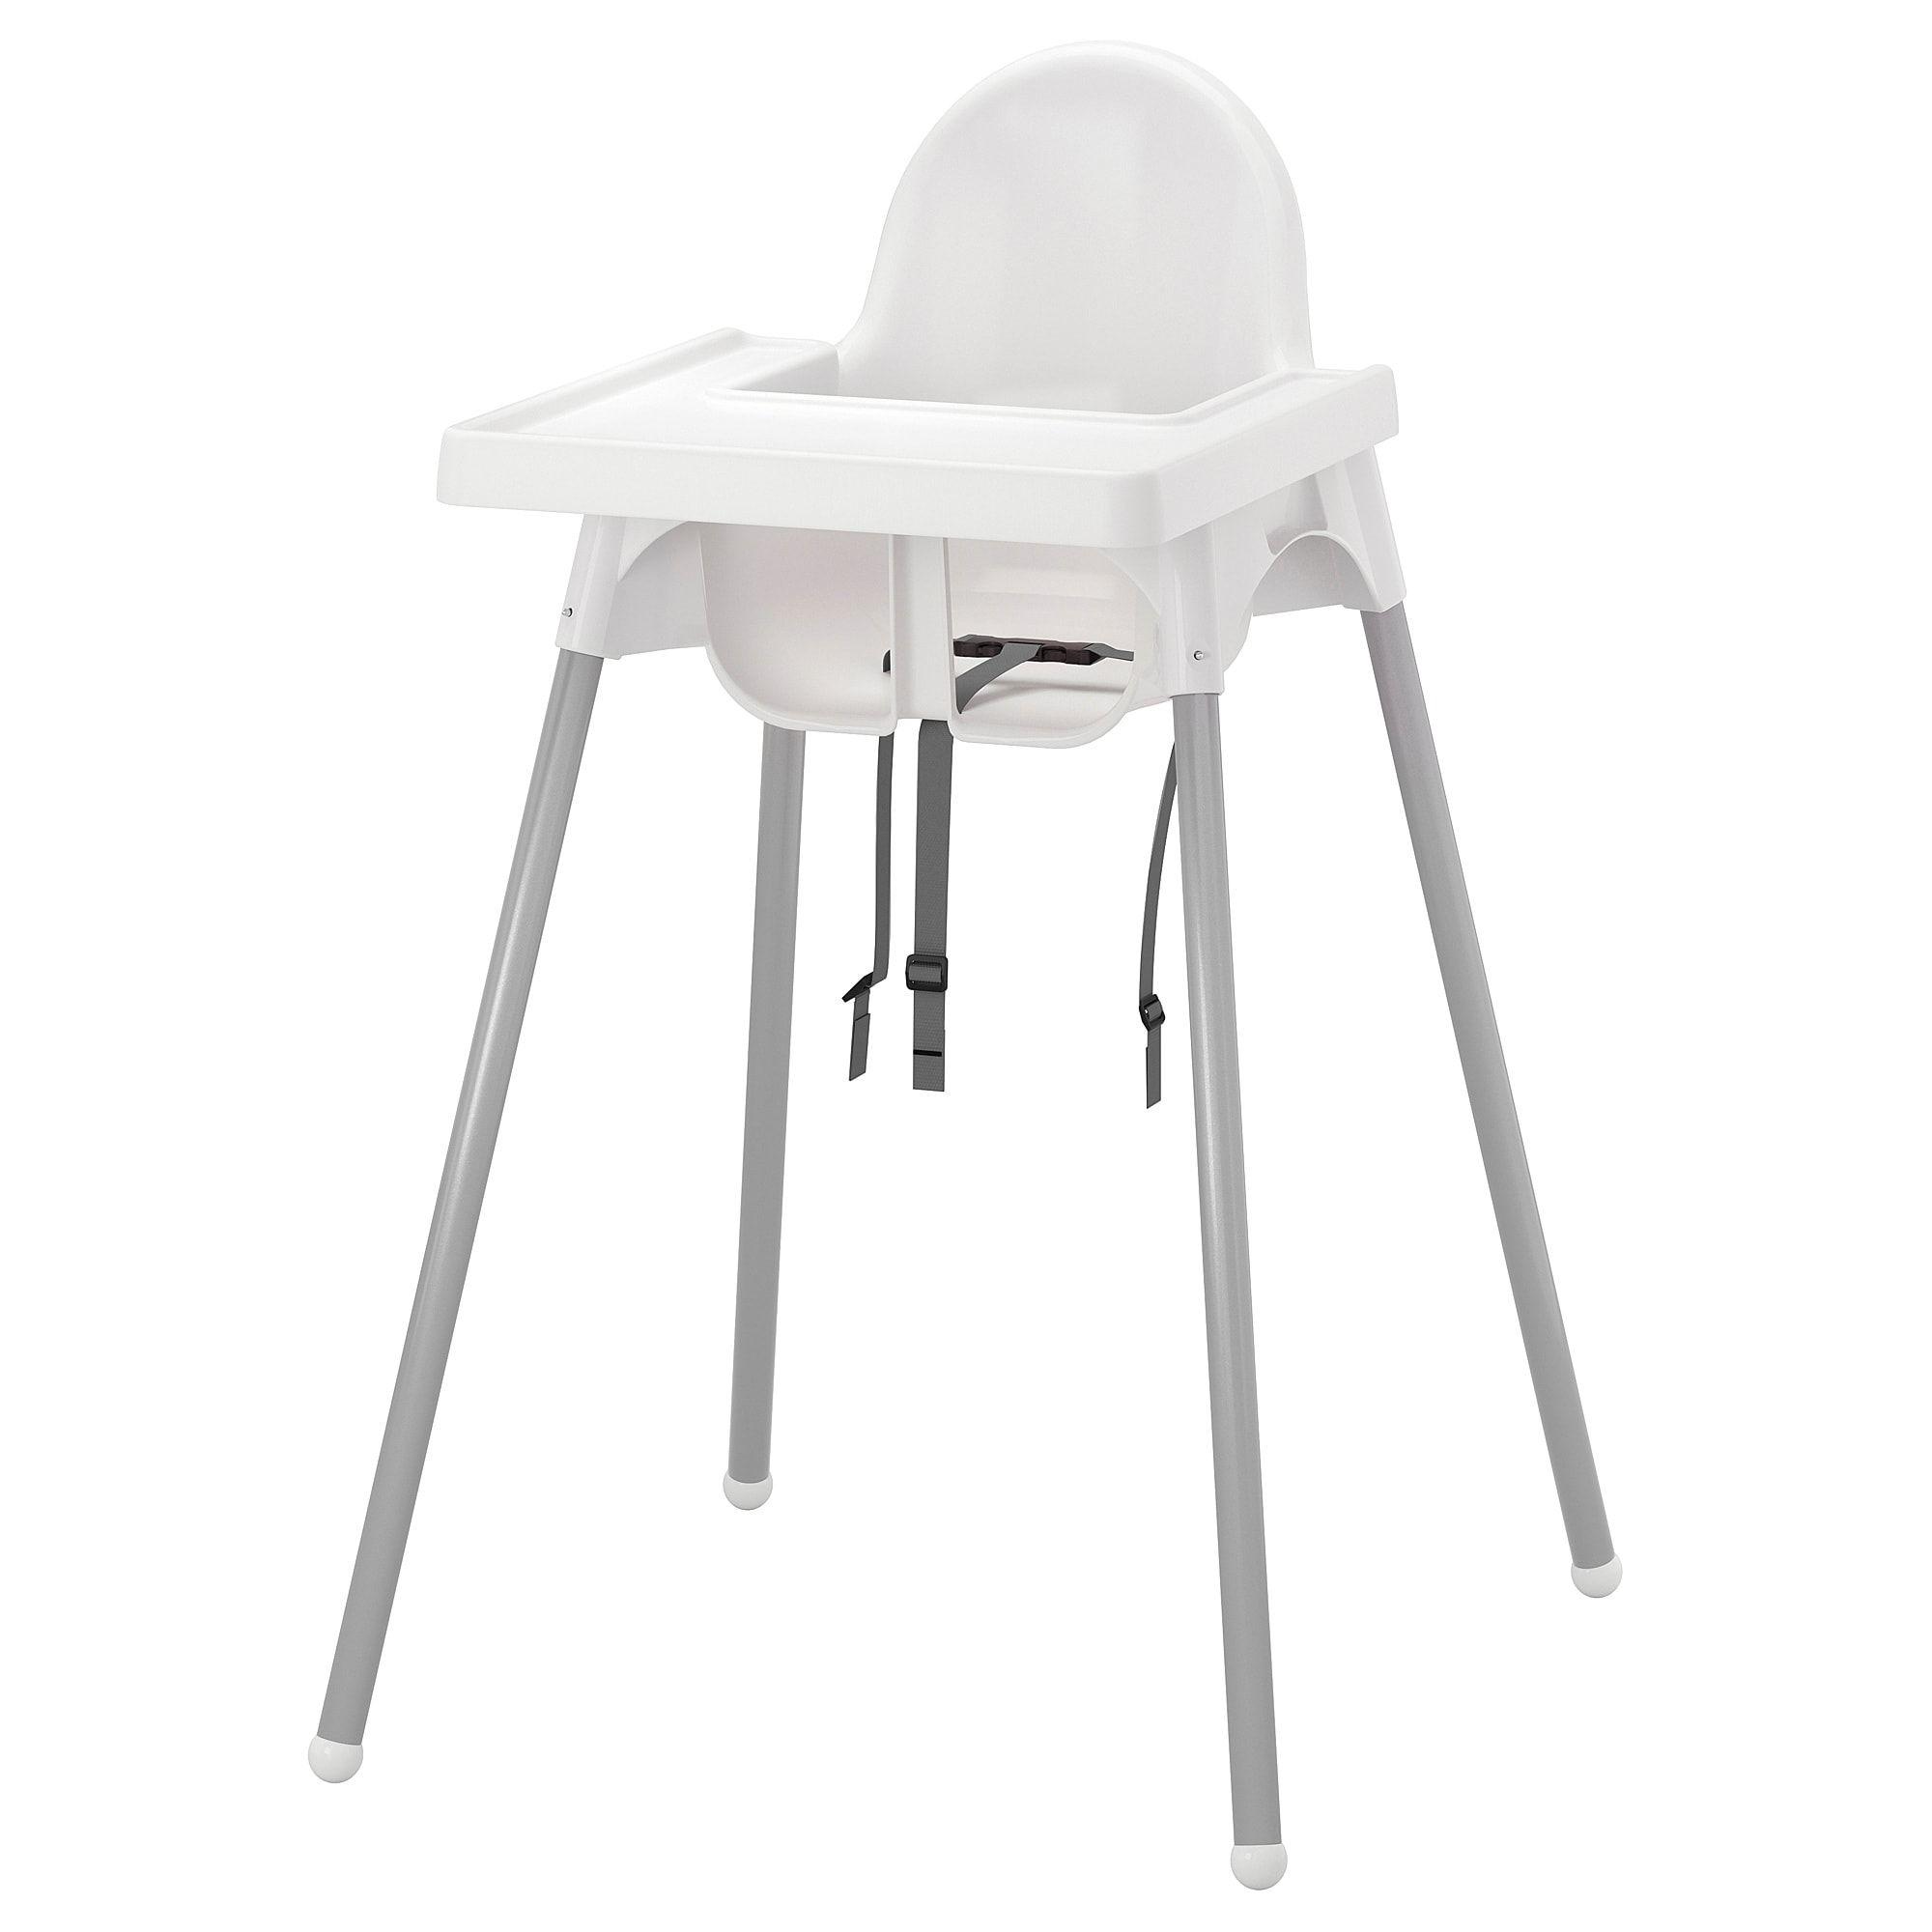 Antilop Chaise Haute Avec Plateau Blanc Gris Argent Ikea Antilop High Chair Ikea High Chair Baby High Chair